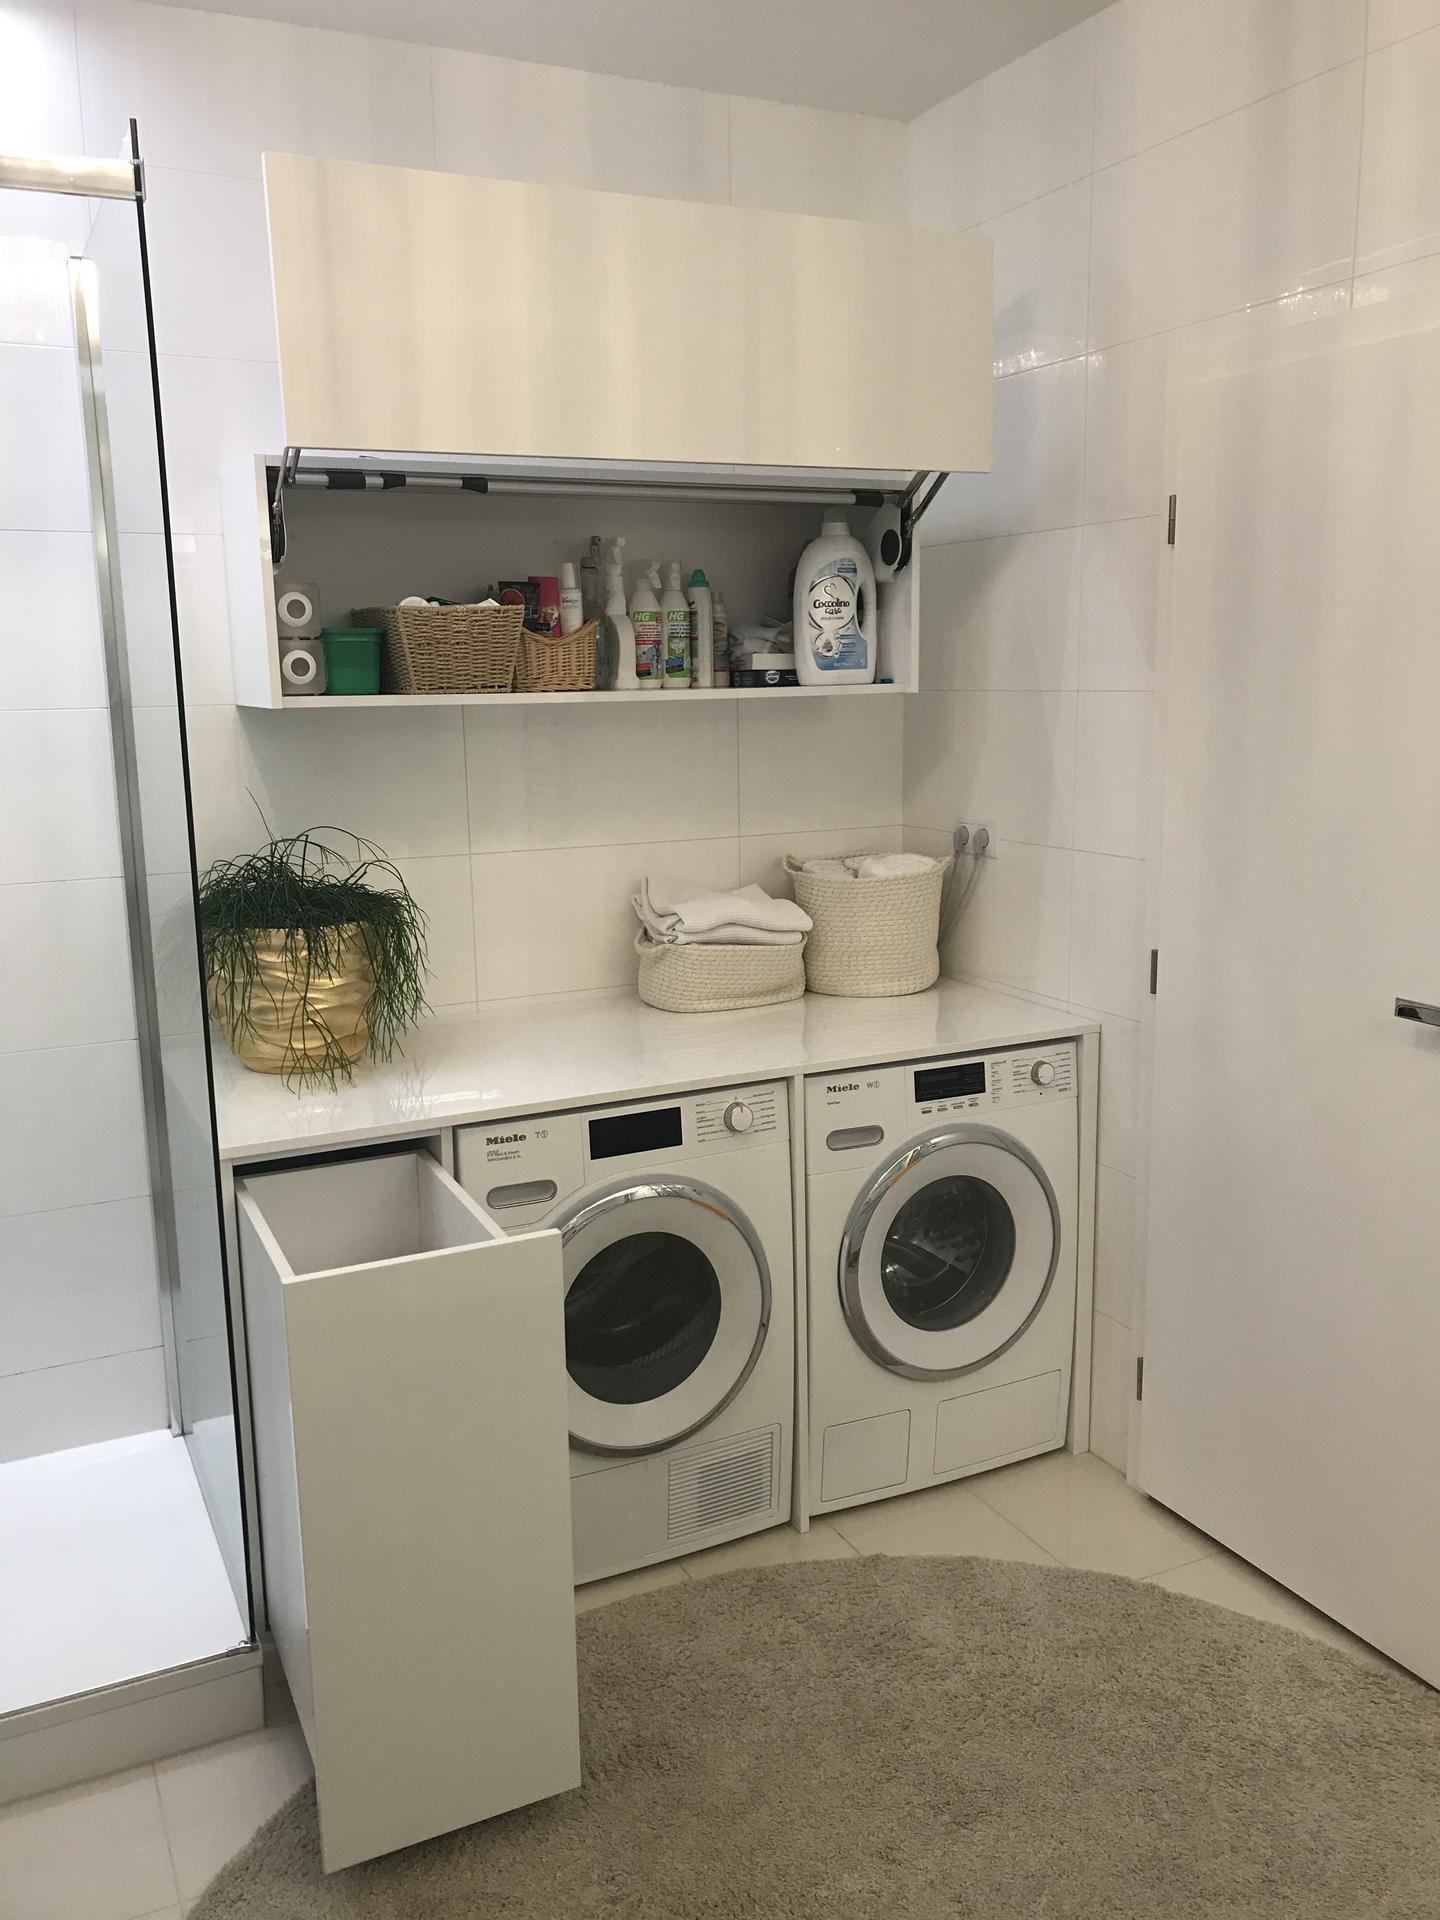 Moje řešení pračky, sušičky, koše na prádlo a úložných prostor. Původně jsem chtěla pracku a susicku nad sebe, ale osvědčilo se mi prádlo ještě teple ze susicky skládat na vytvořené ploše nad prackou. Zehleni se mi zmenšilo o 80%. - Obrázek č. 2